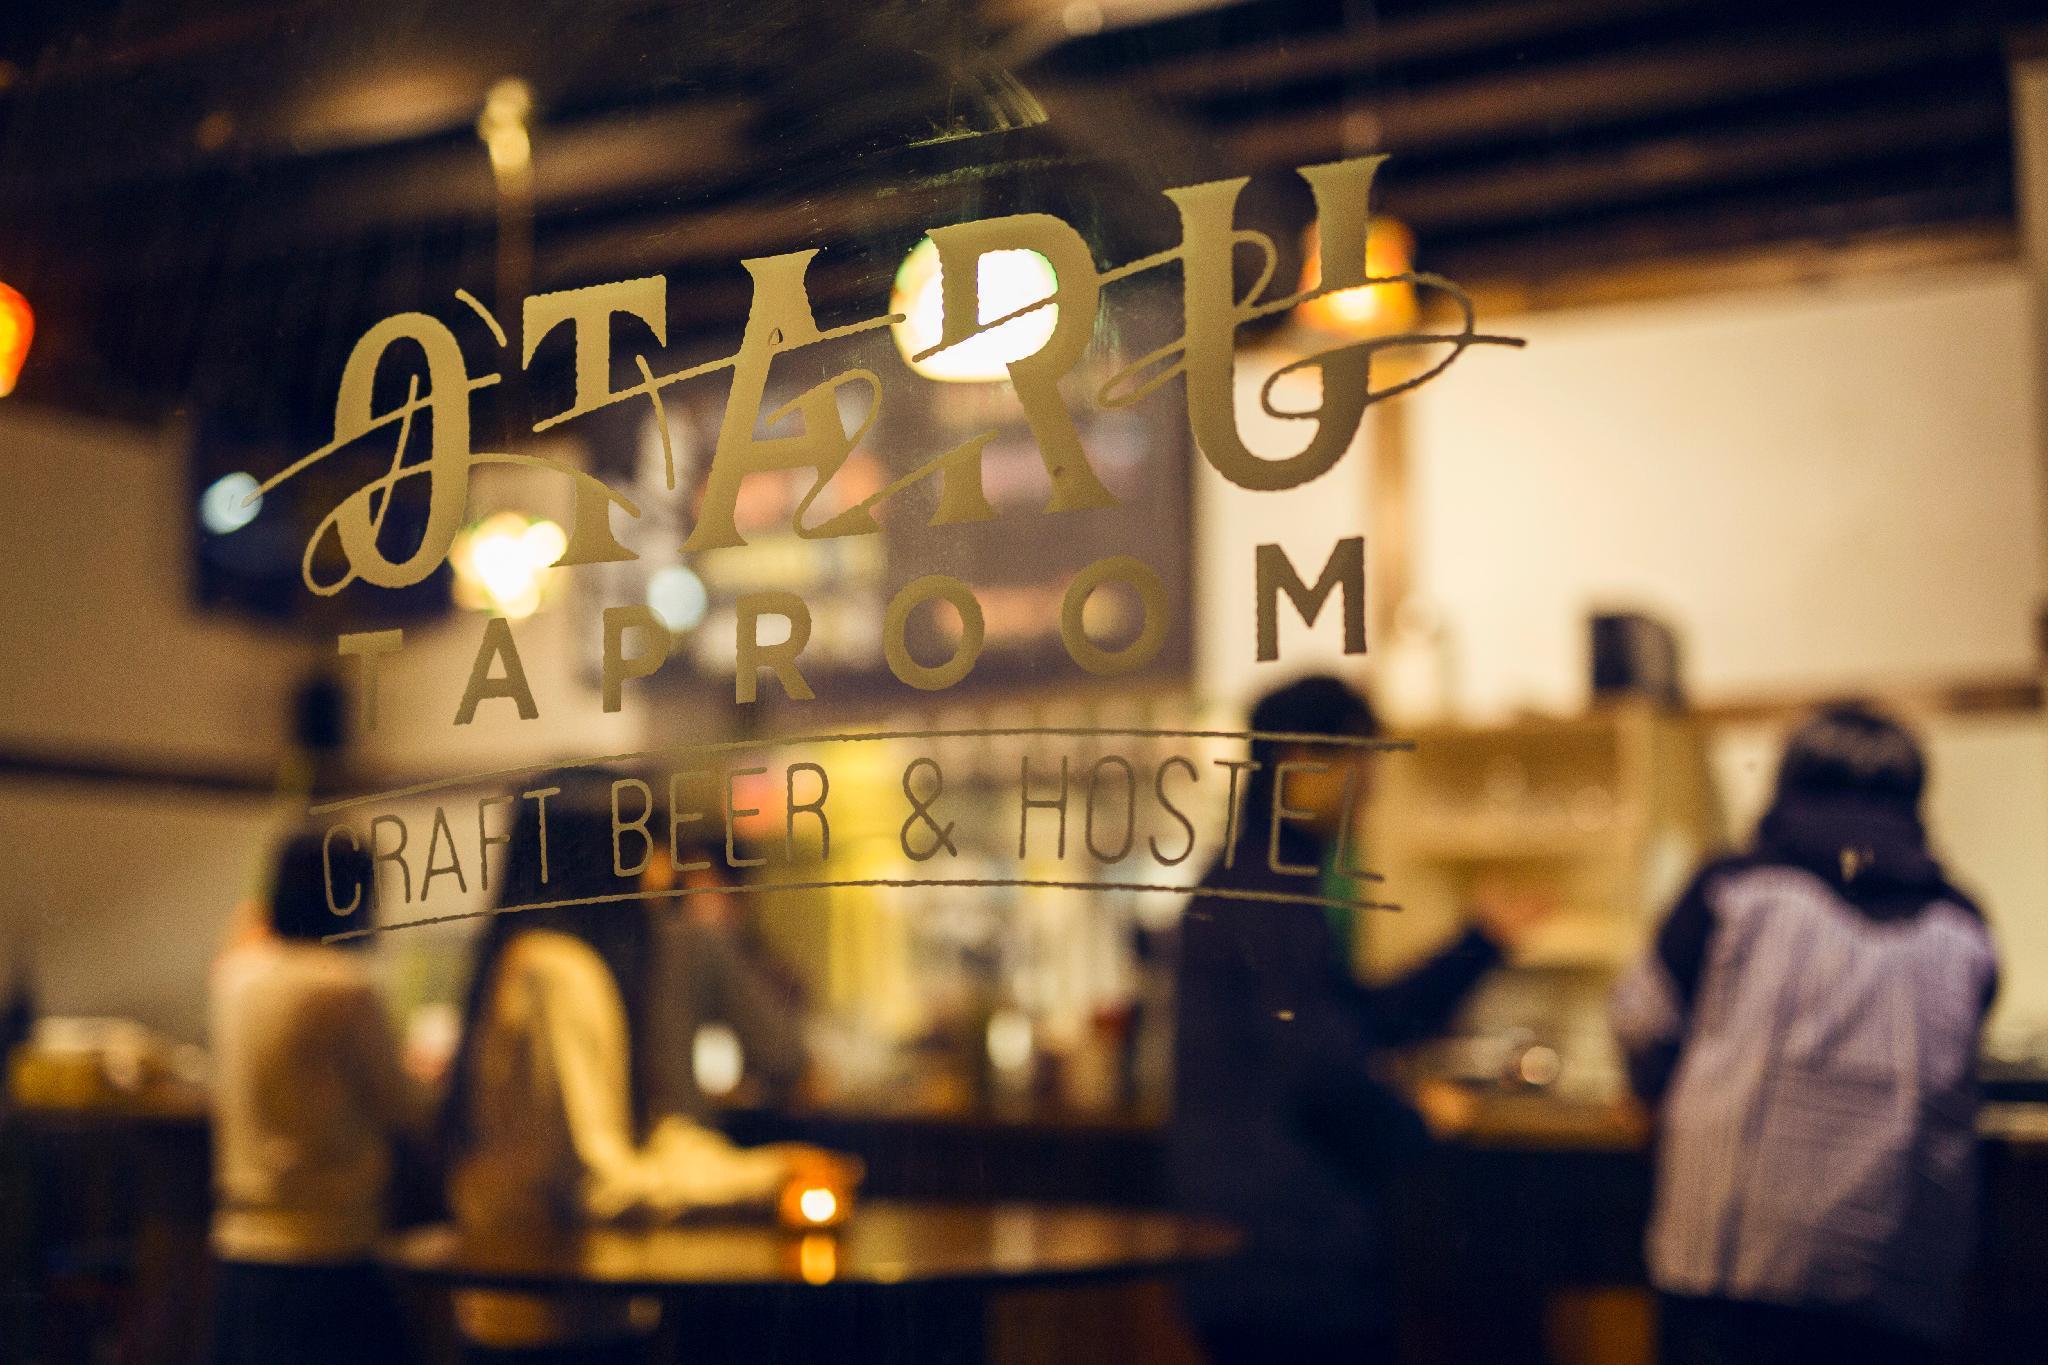 Otaru Tap Room   Craft Beer And Hostel